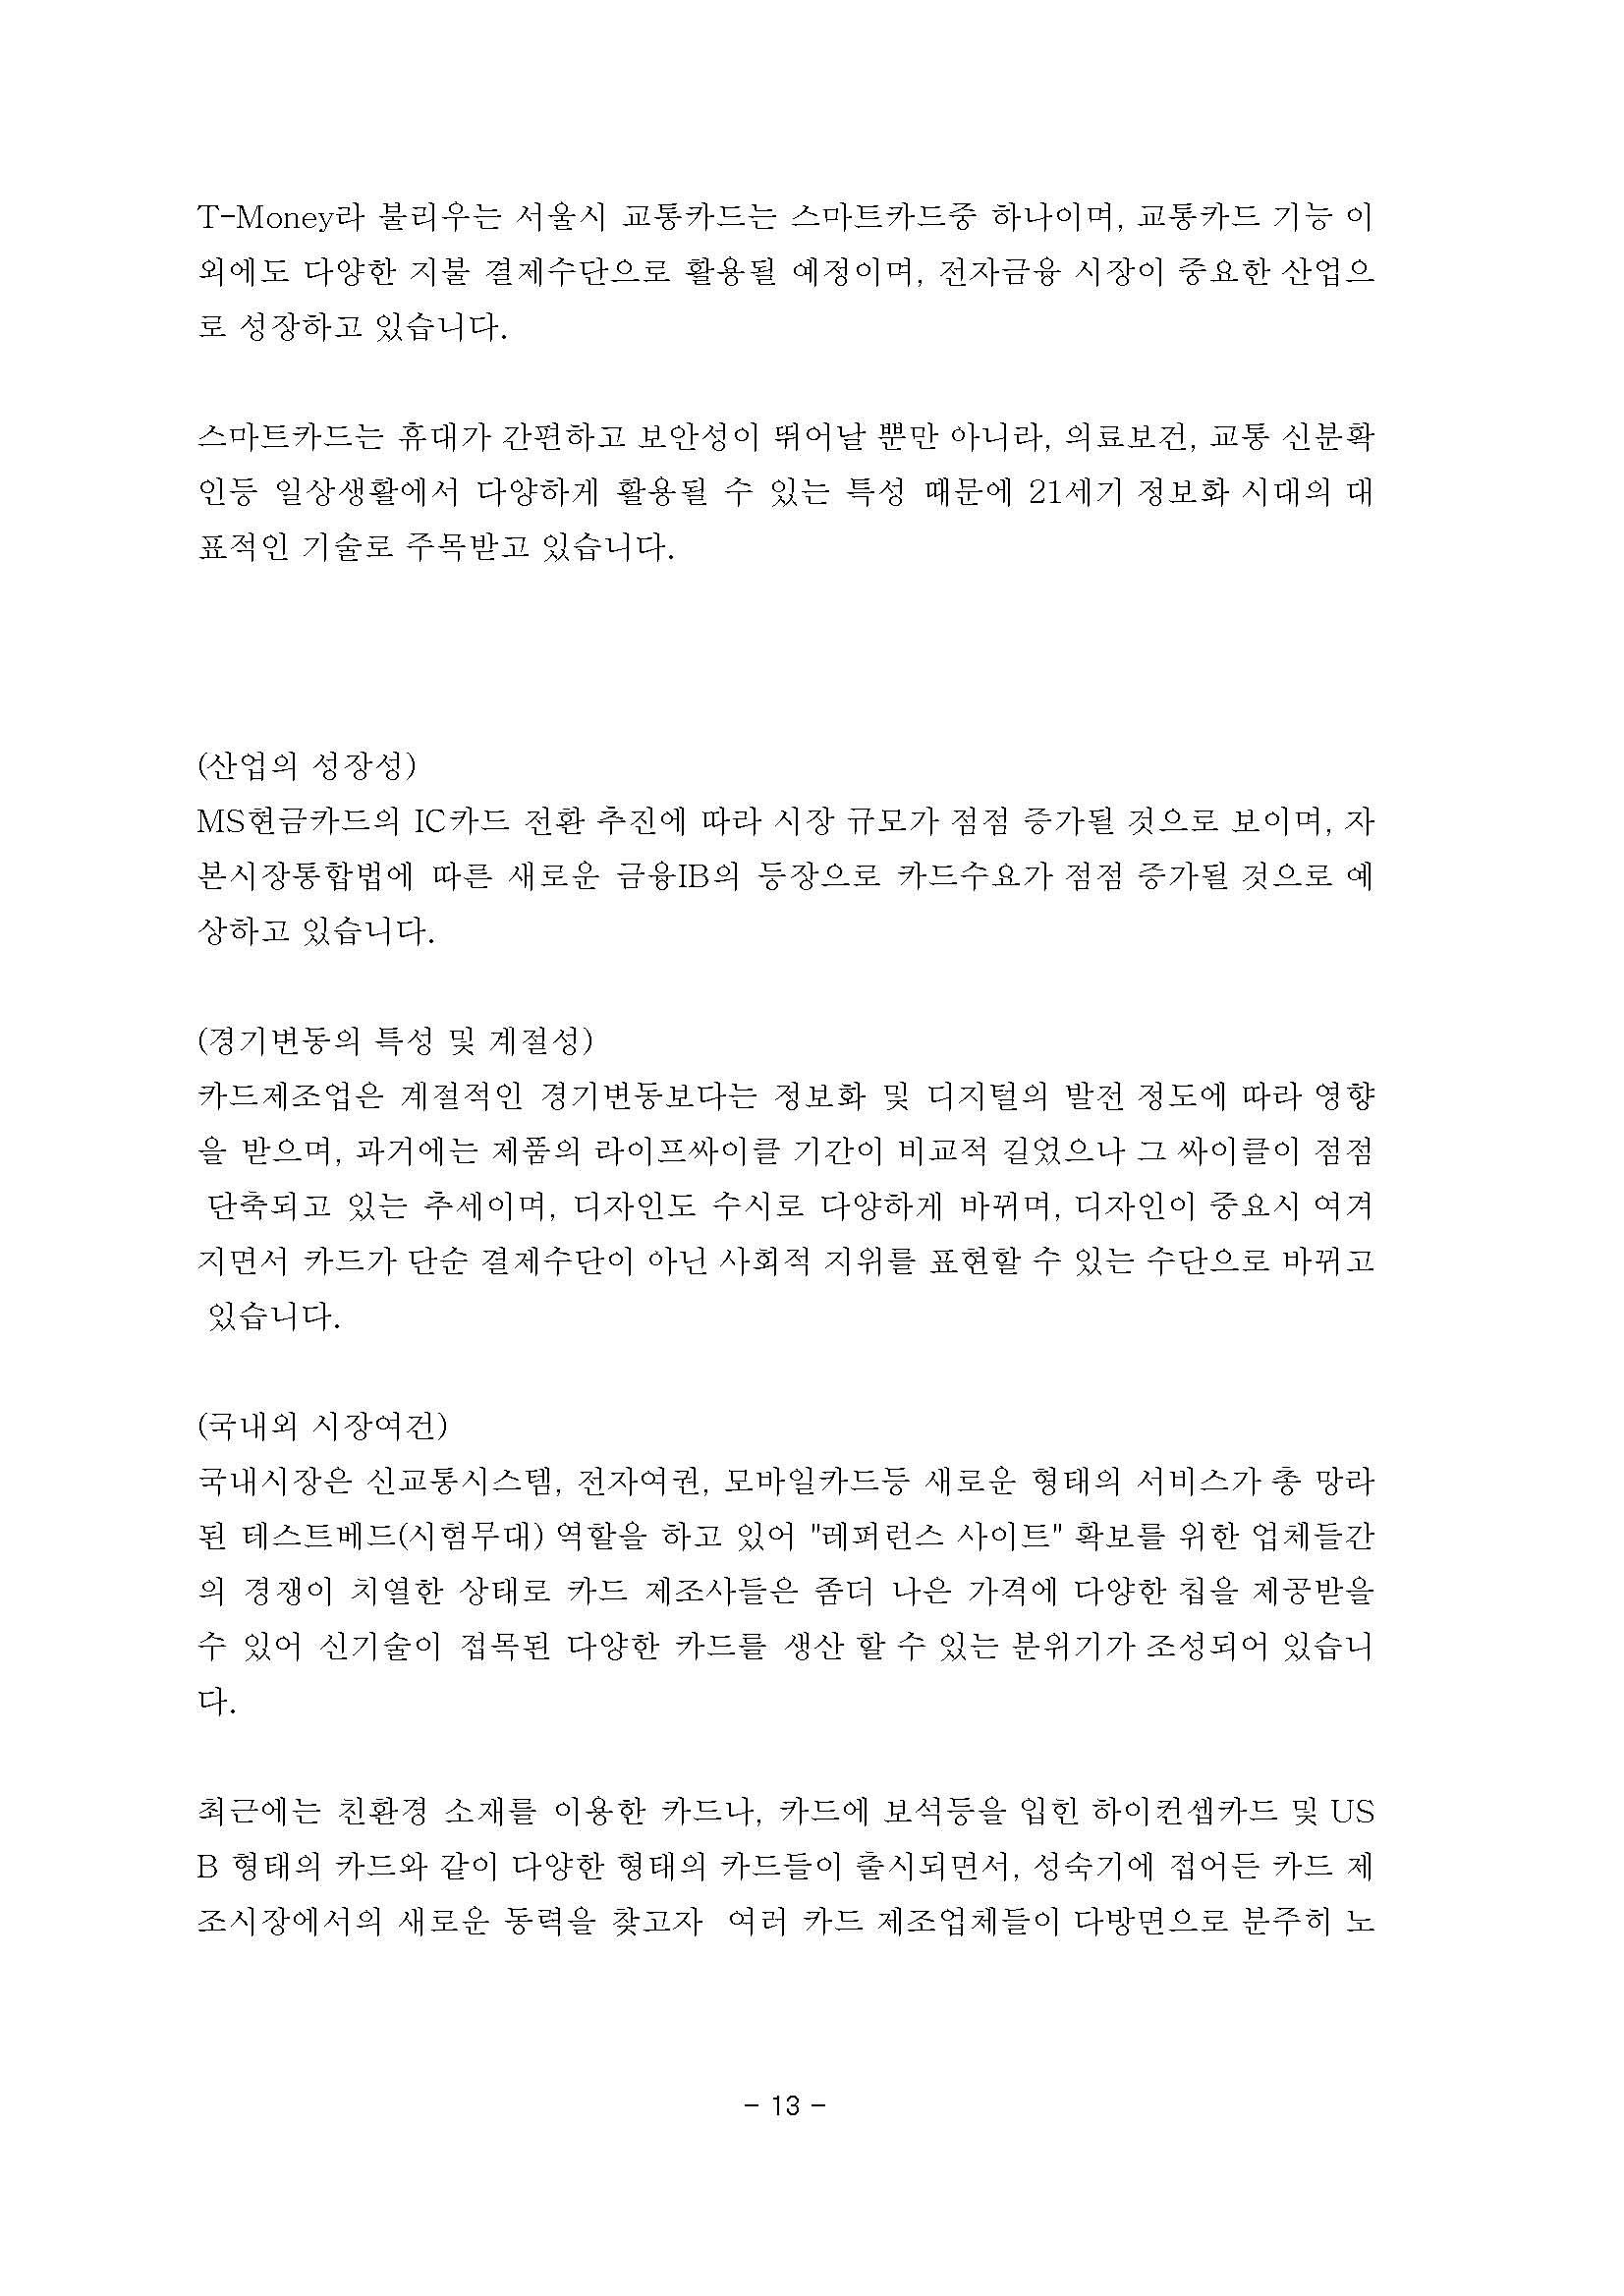 20160311 주주총회 소집공고-옴니시스템_페이지_14.jpg